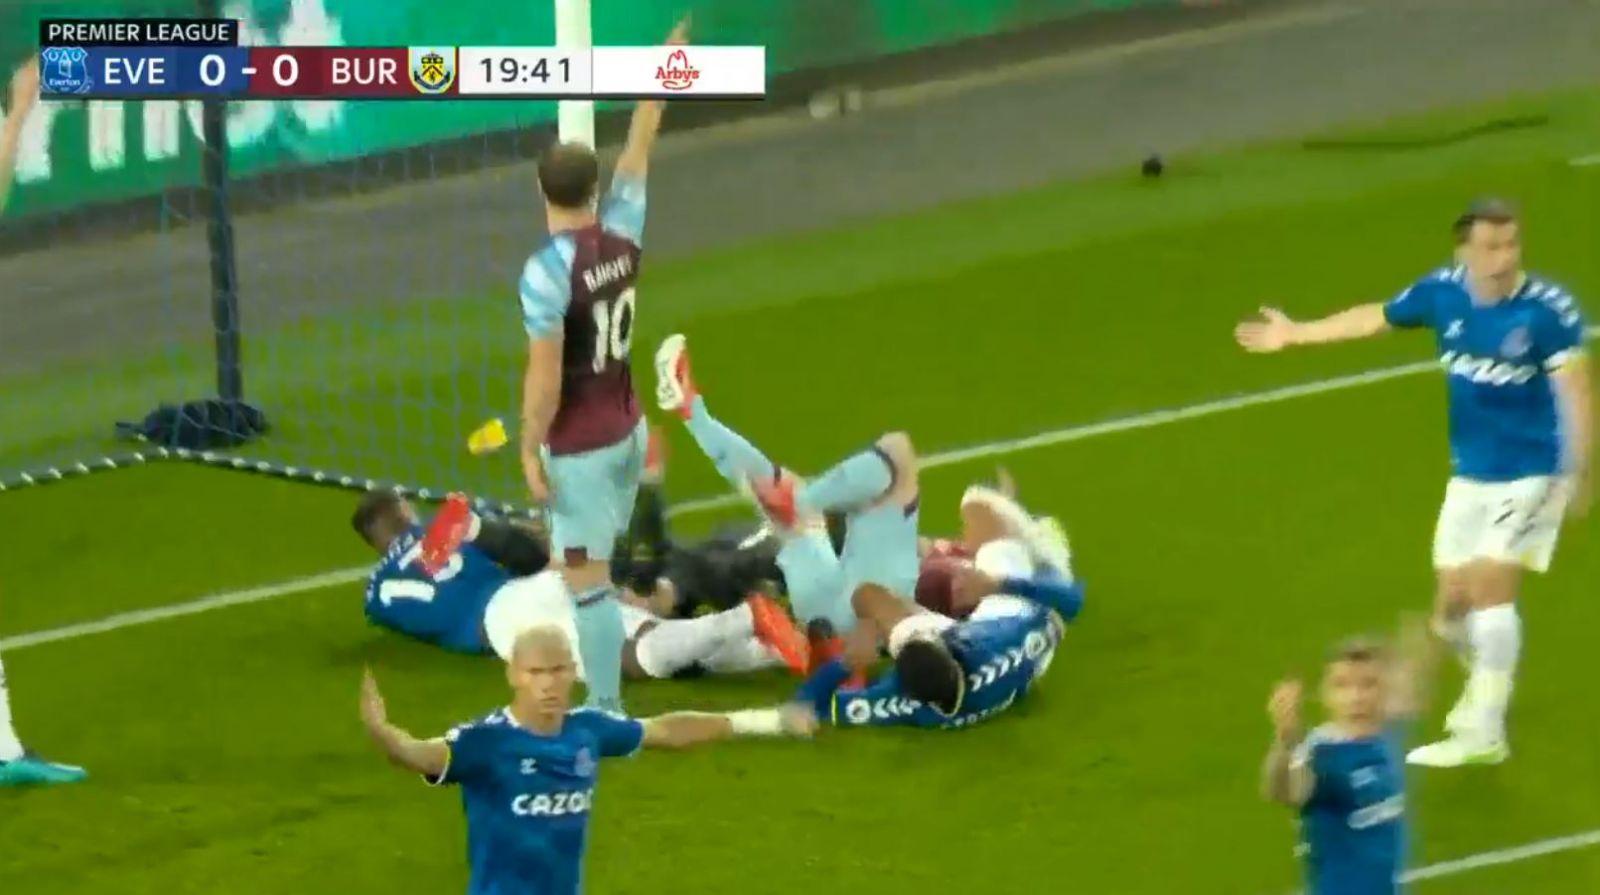 Everton 3-1 Burnley 2021.09.13 (20h00) - Full Goals Highlight Extended Video